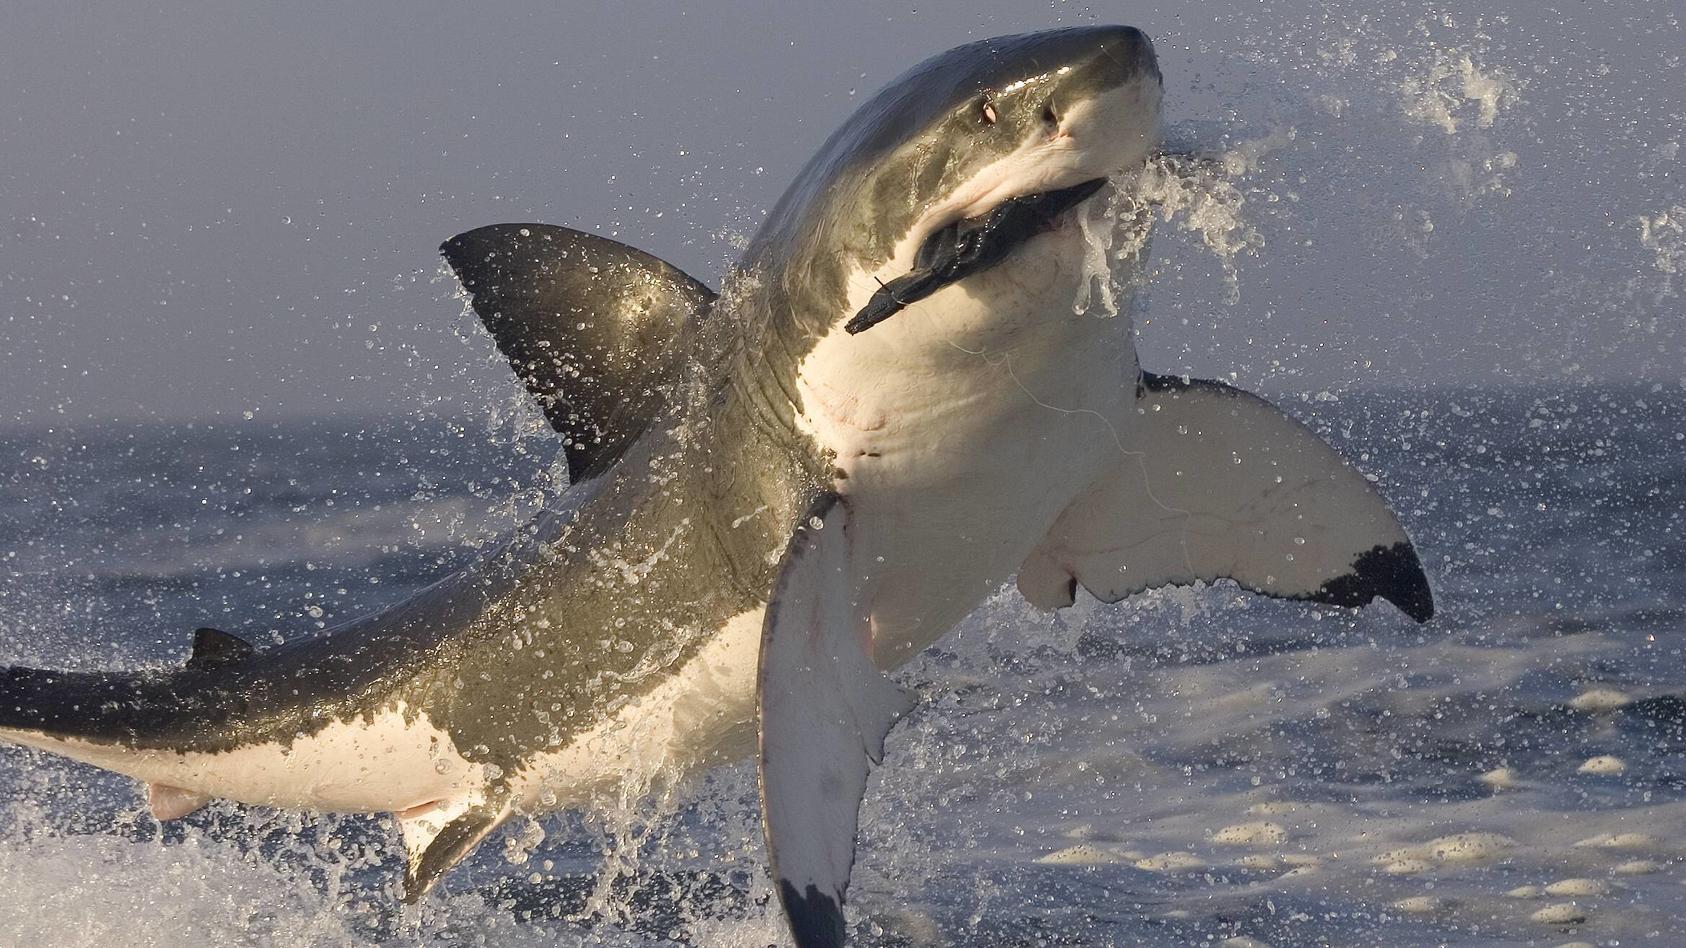 Das hier ist kein Seeungeheuer, sondern ein weißer Hai.